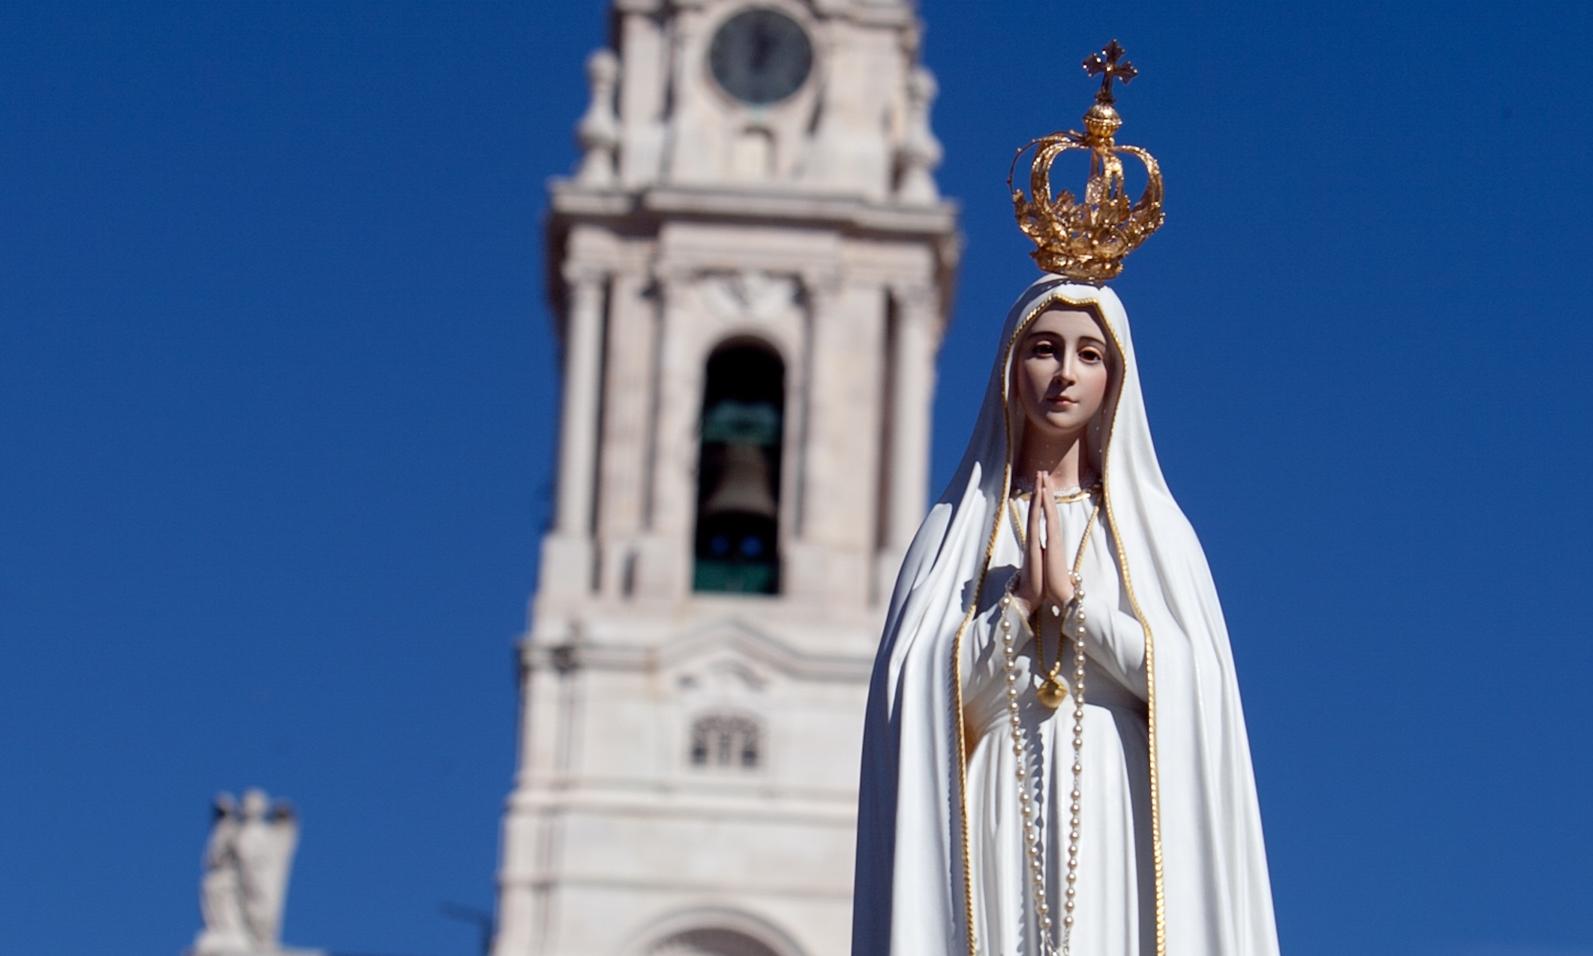 Comemorações do Centenário das Aparições de Fátima terminam no próximo sábado — Caminha